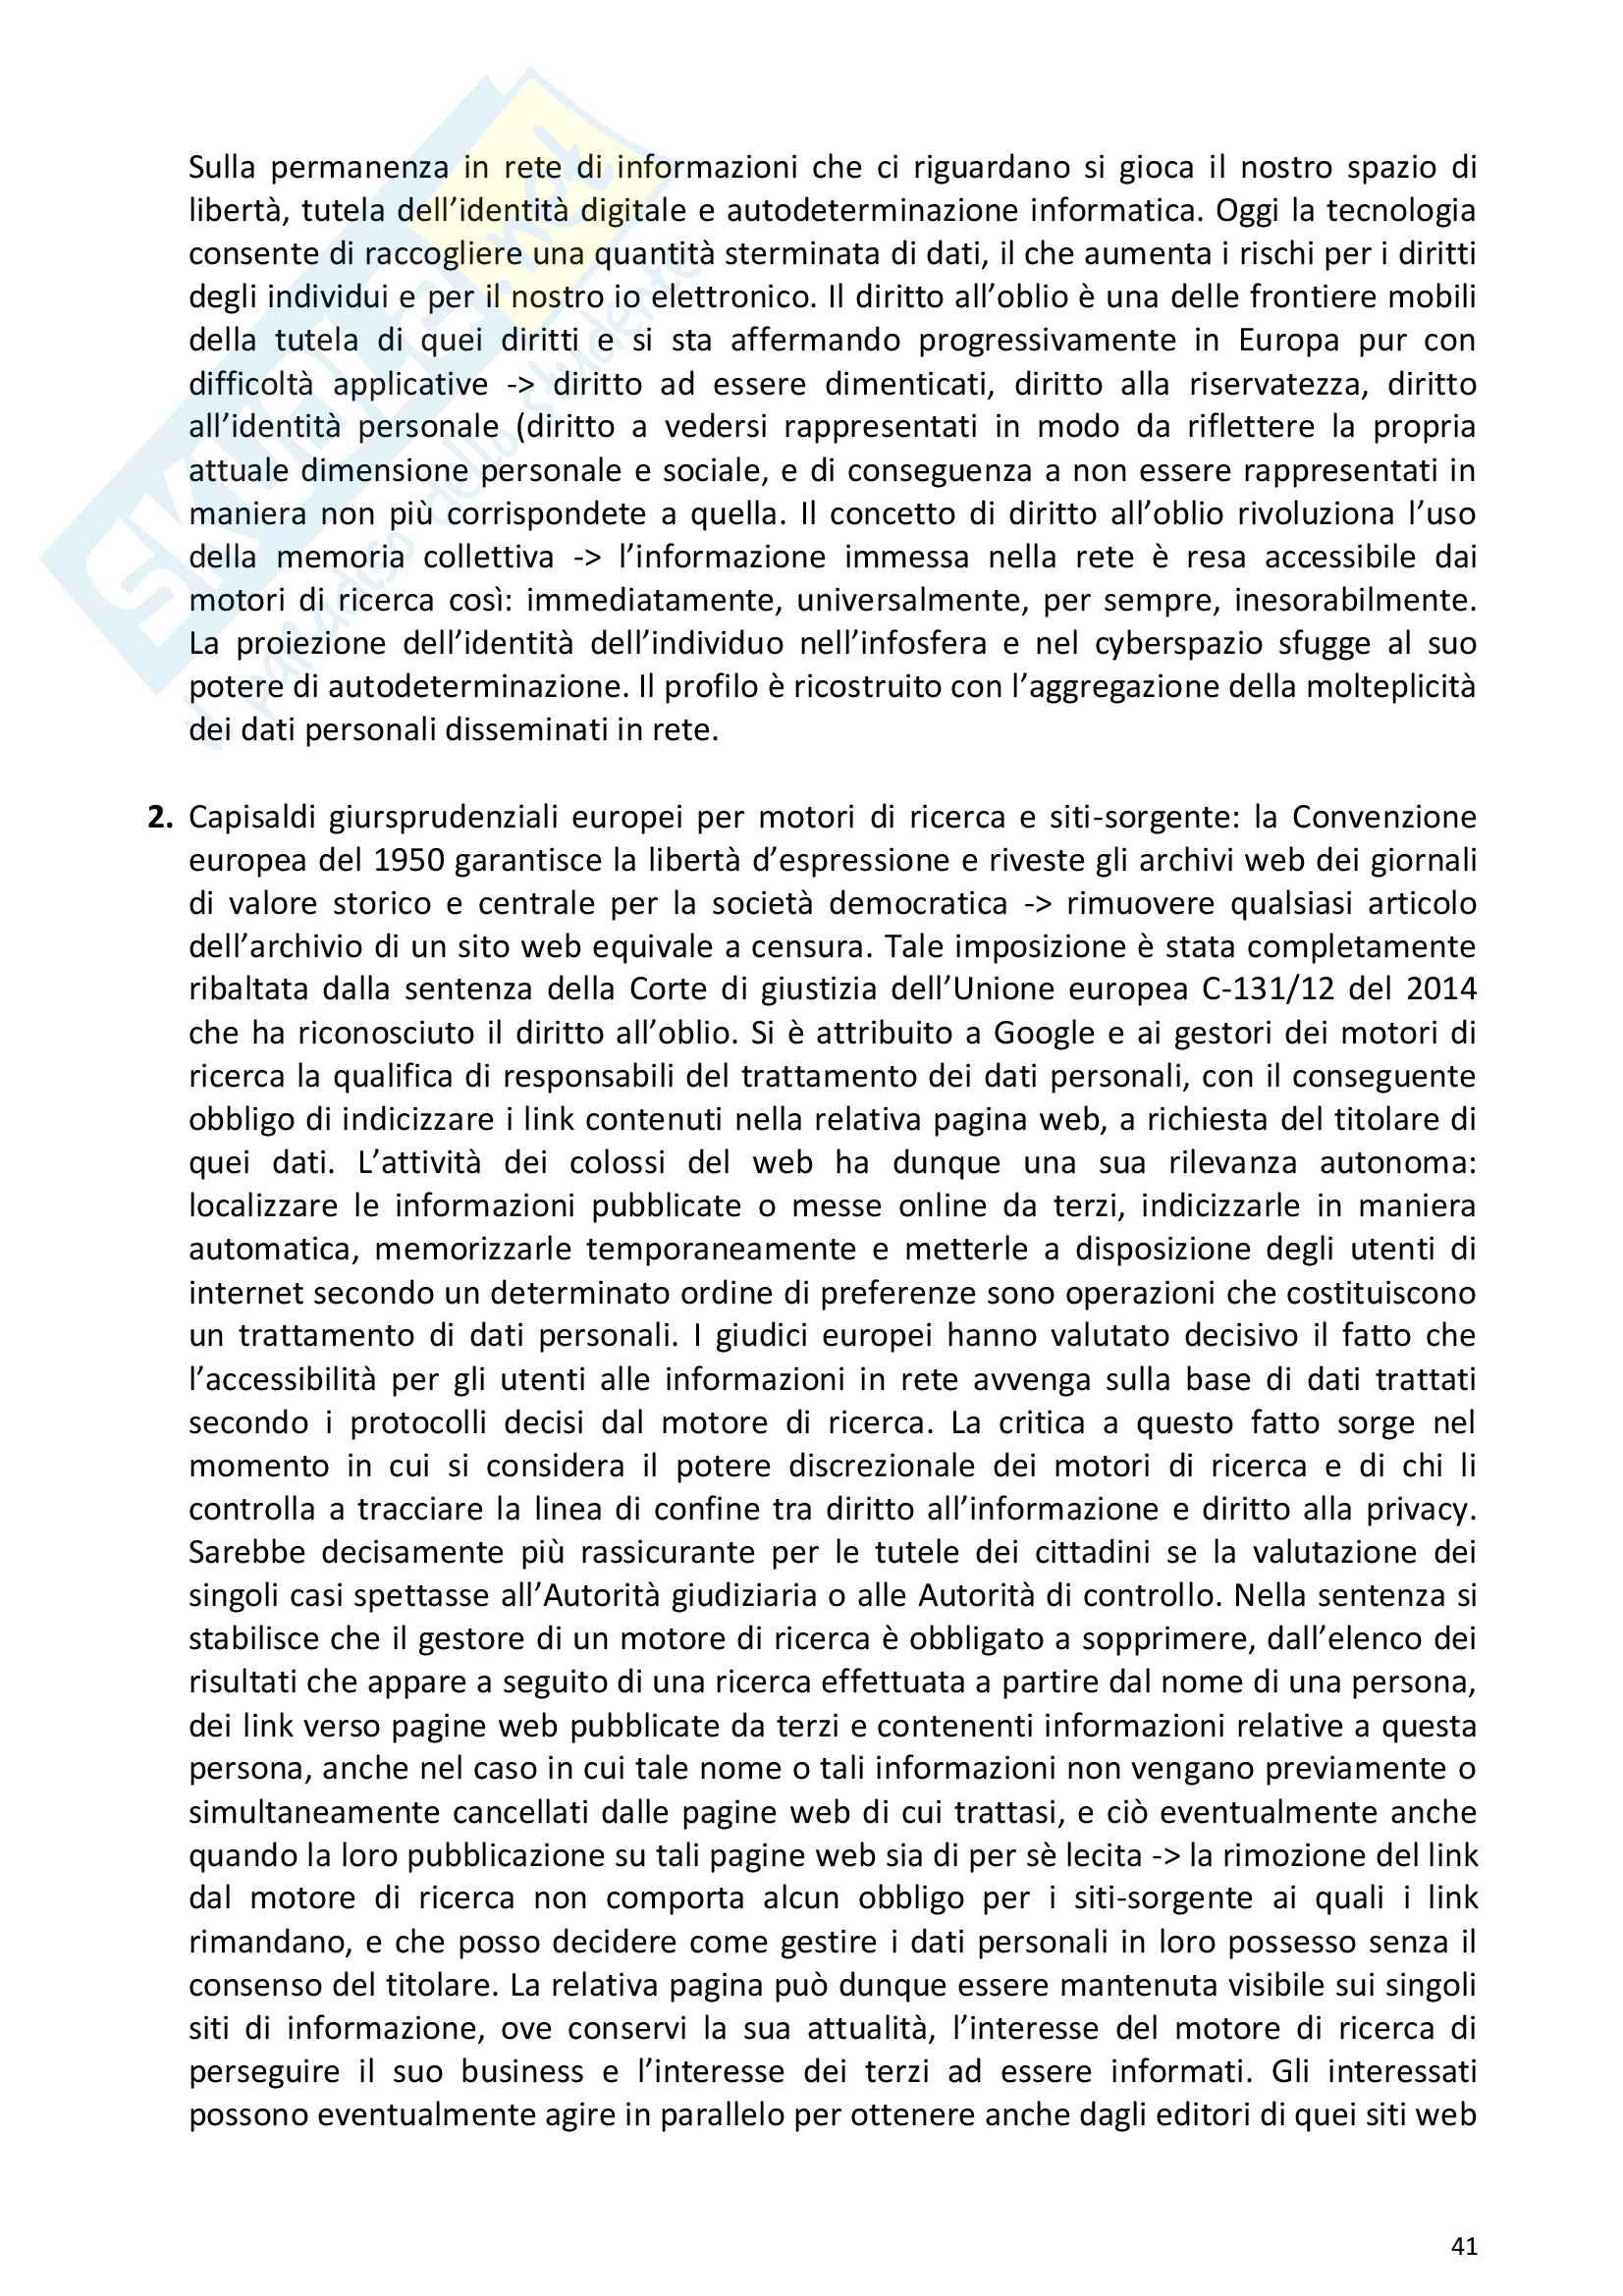 Riassunto esame Diritto della comunicazione per le imprese e i media, prof. Razzante. Libro consigliato Manuale di diritto dell'informazione e della comunicazione (Settima 7 edizione), Razzante (cap. 1,3,5,6,7,8,9) Pag. 41